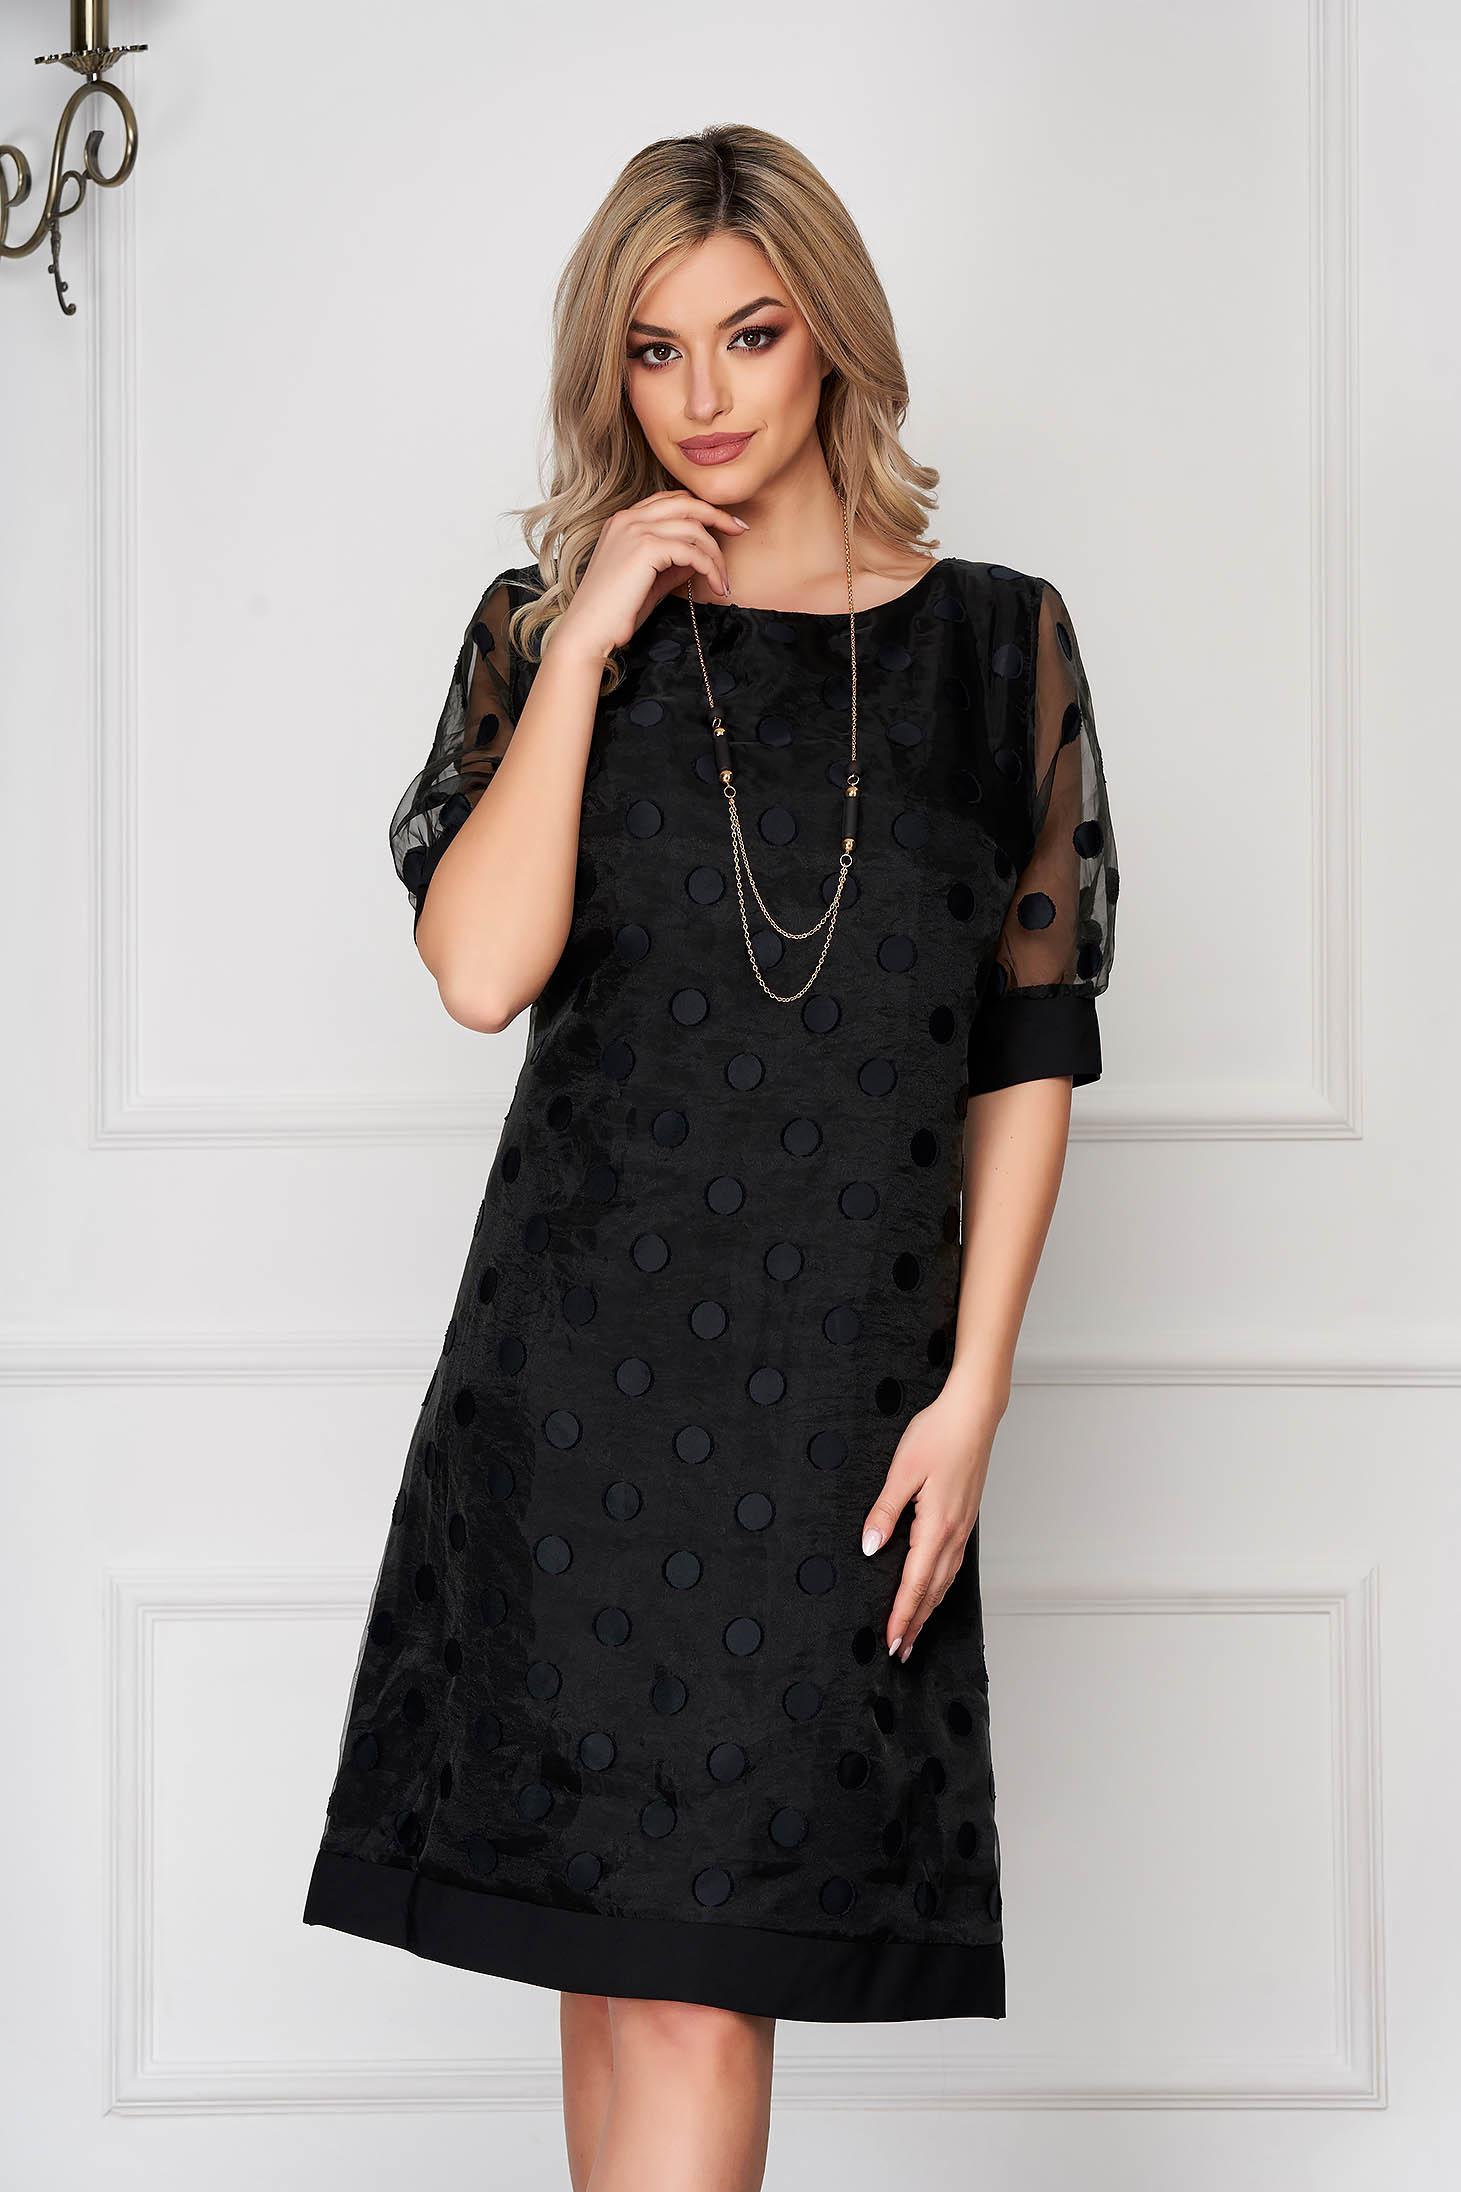 Rochie neagra eleganta midi cu croi in a cu maneci din voal accesorizata cu lantisor